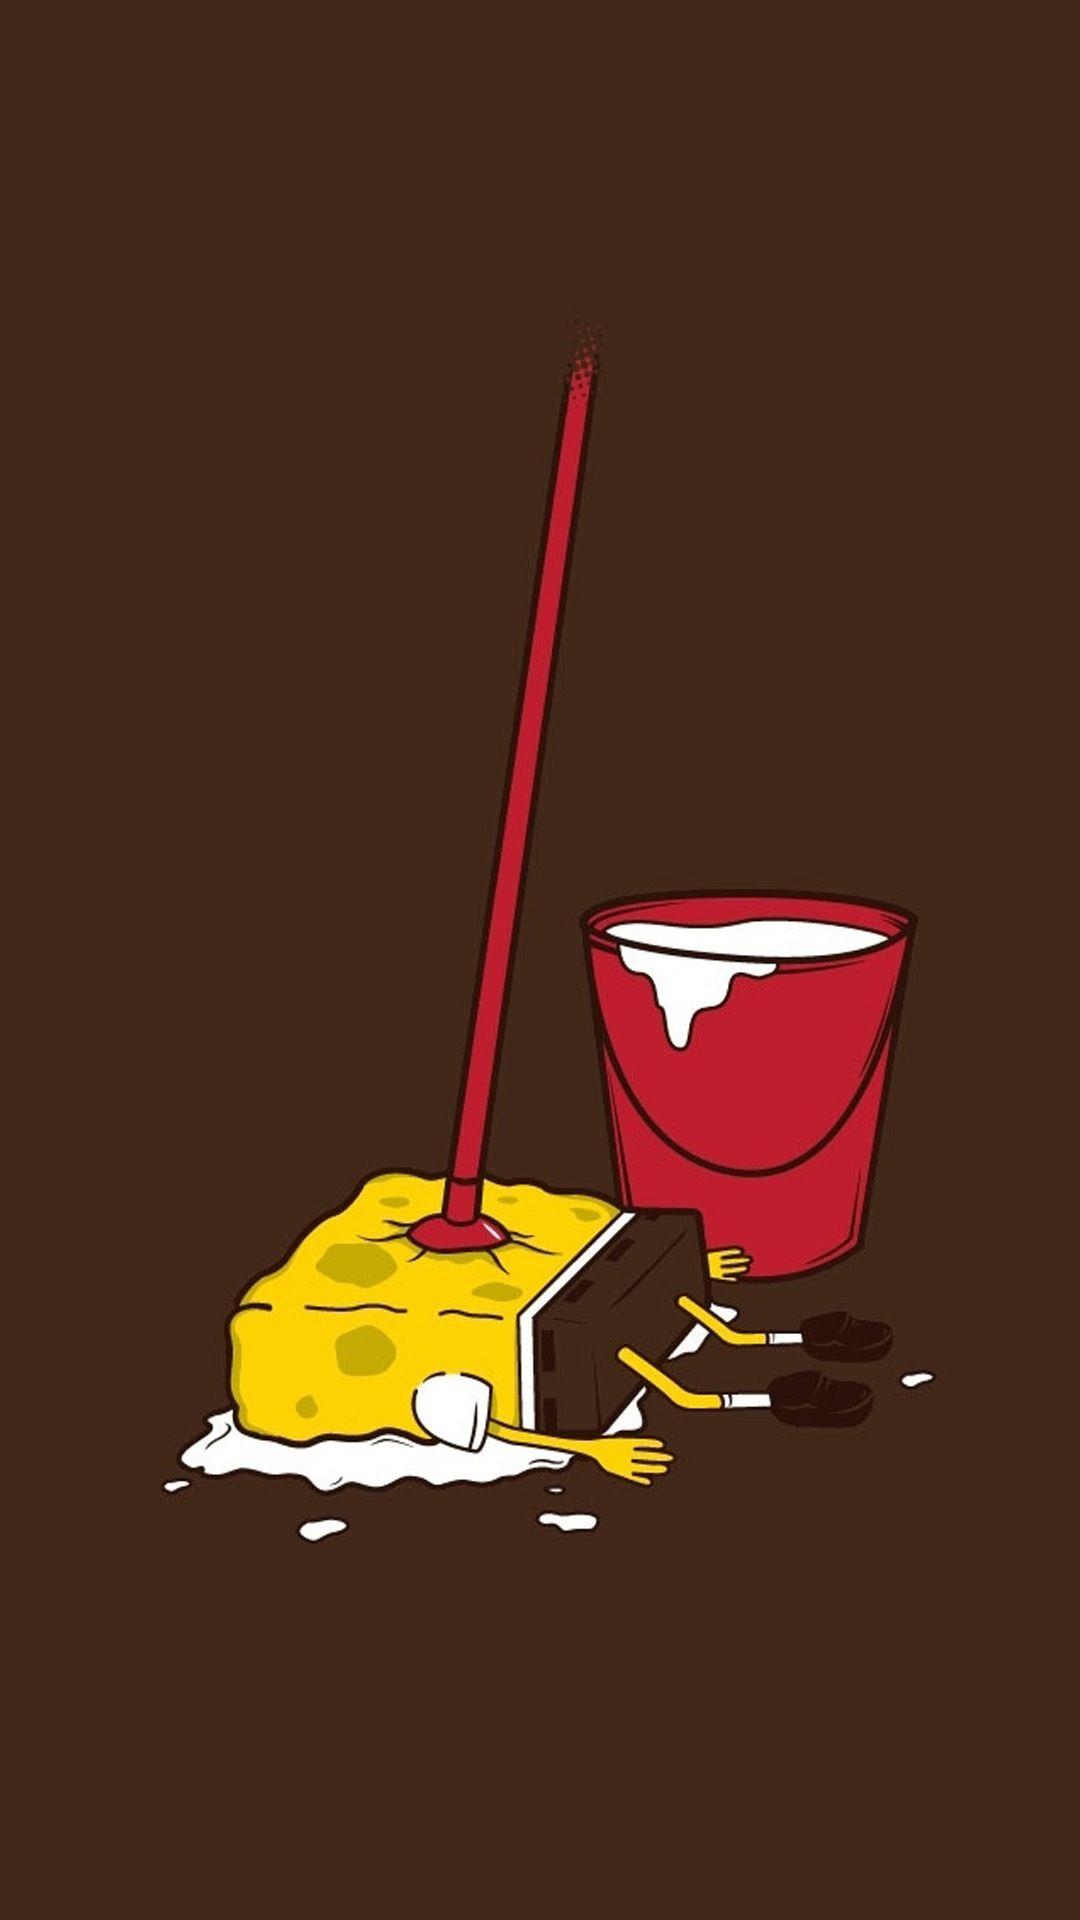 Spongemop Squarepants Funny Cartoon Iphone Wallpapers Repin For